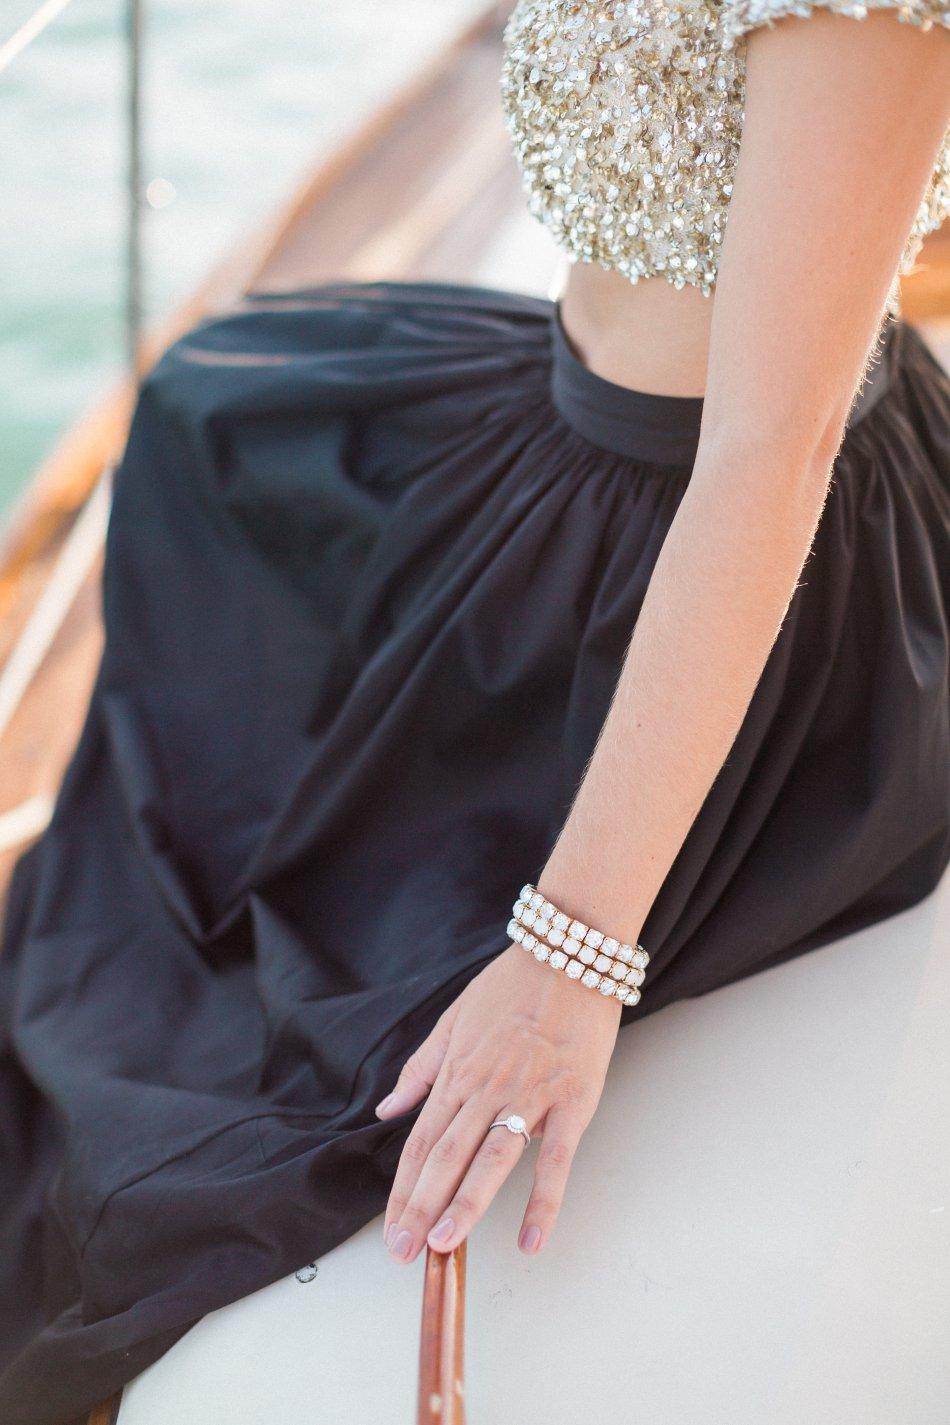 naples-luxury-sailing-engagement-photography-nautical-sailboat-engagement_1087.jpg